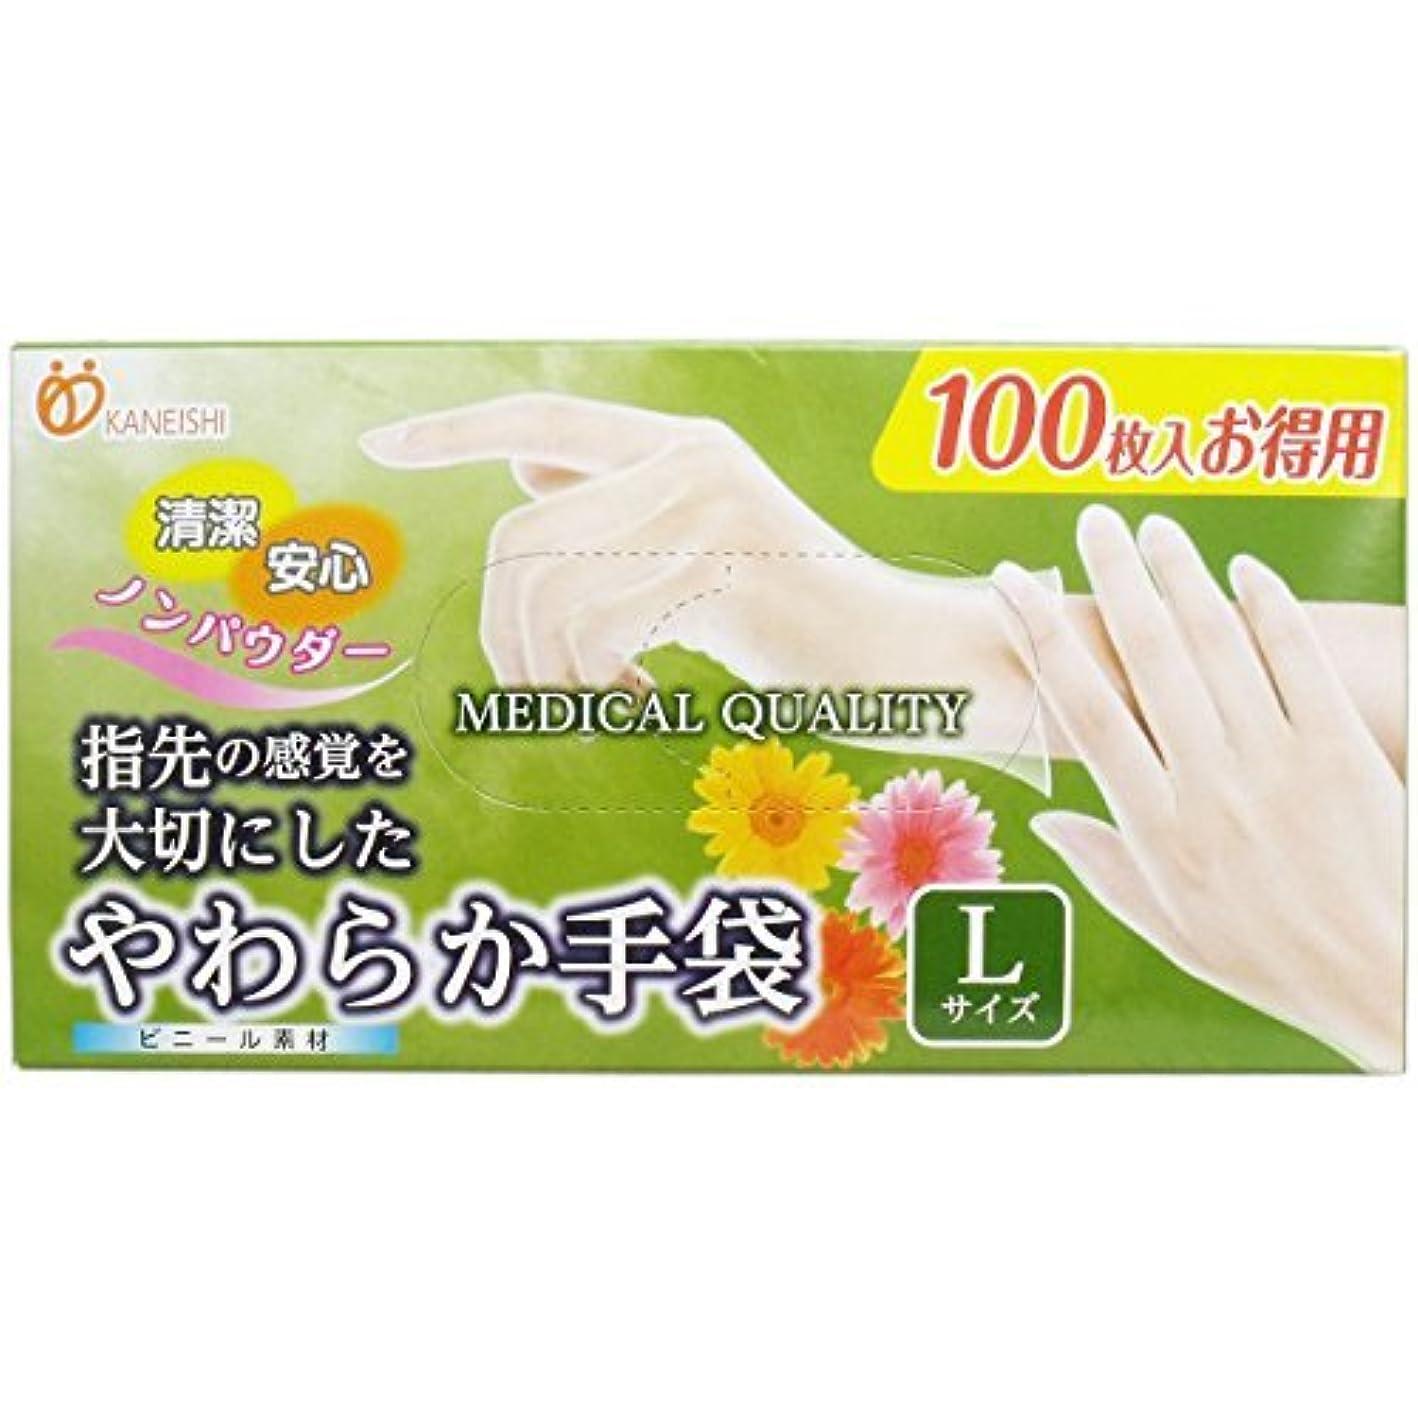 練習した首適切なやわらか手袋 ビニール素材 Lサイズ 100枚入x7